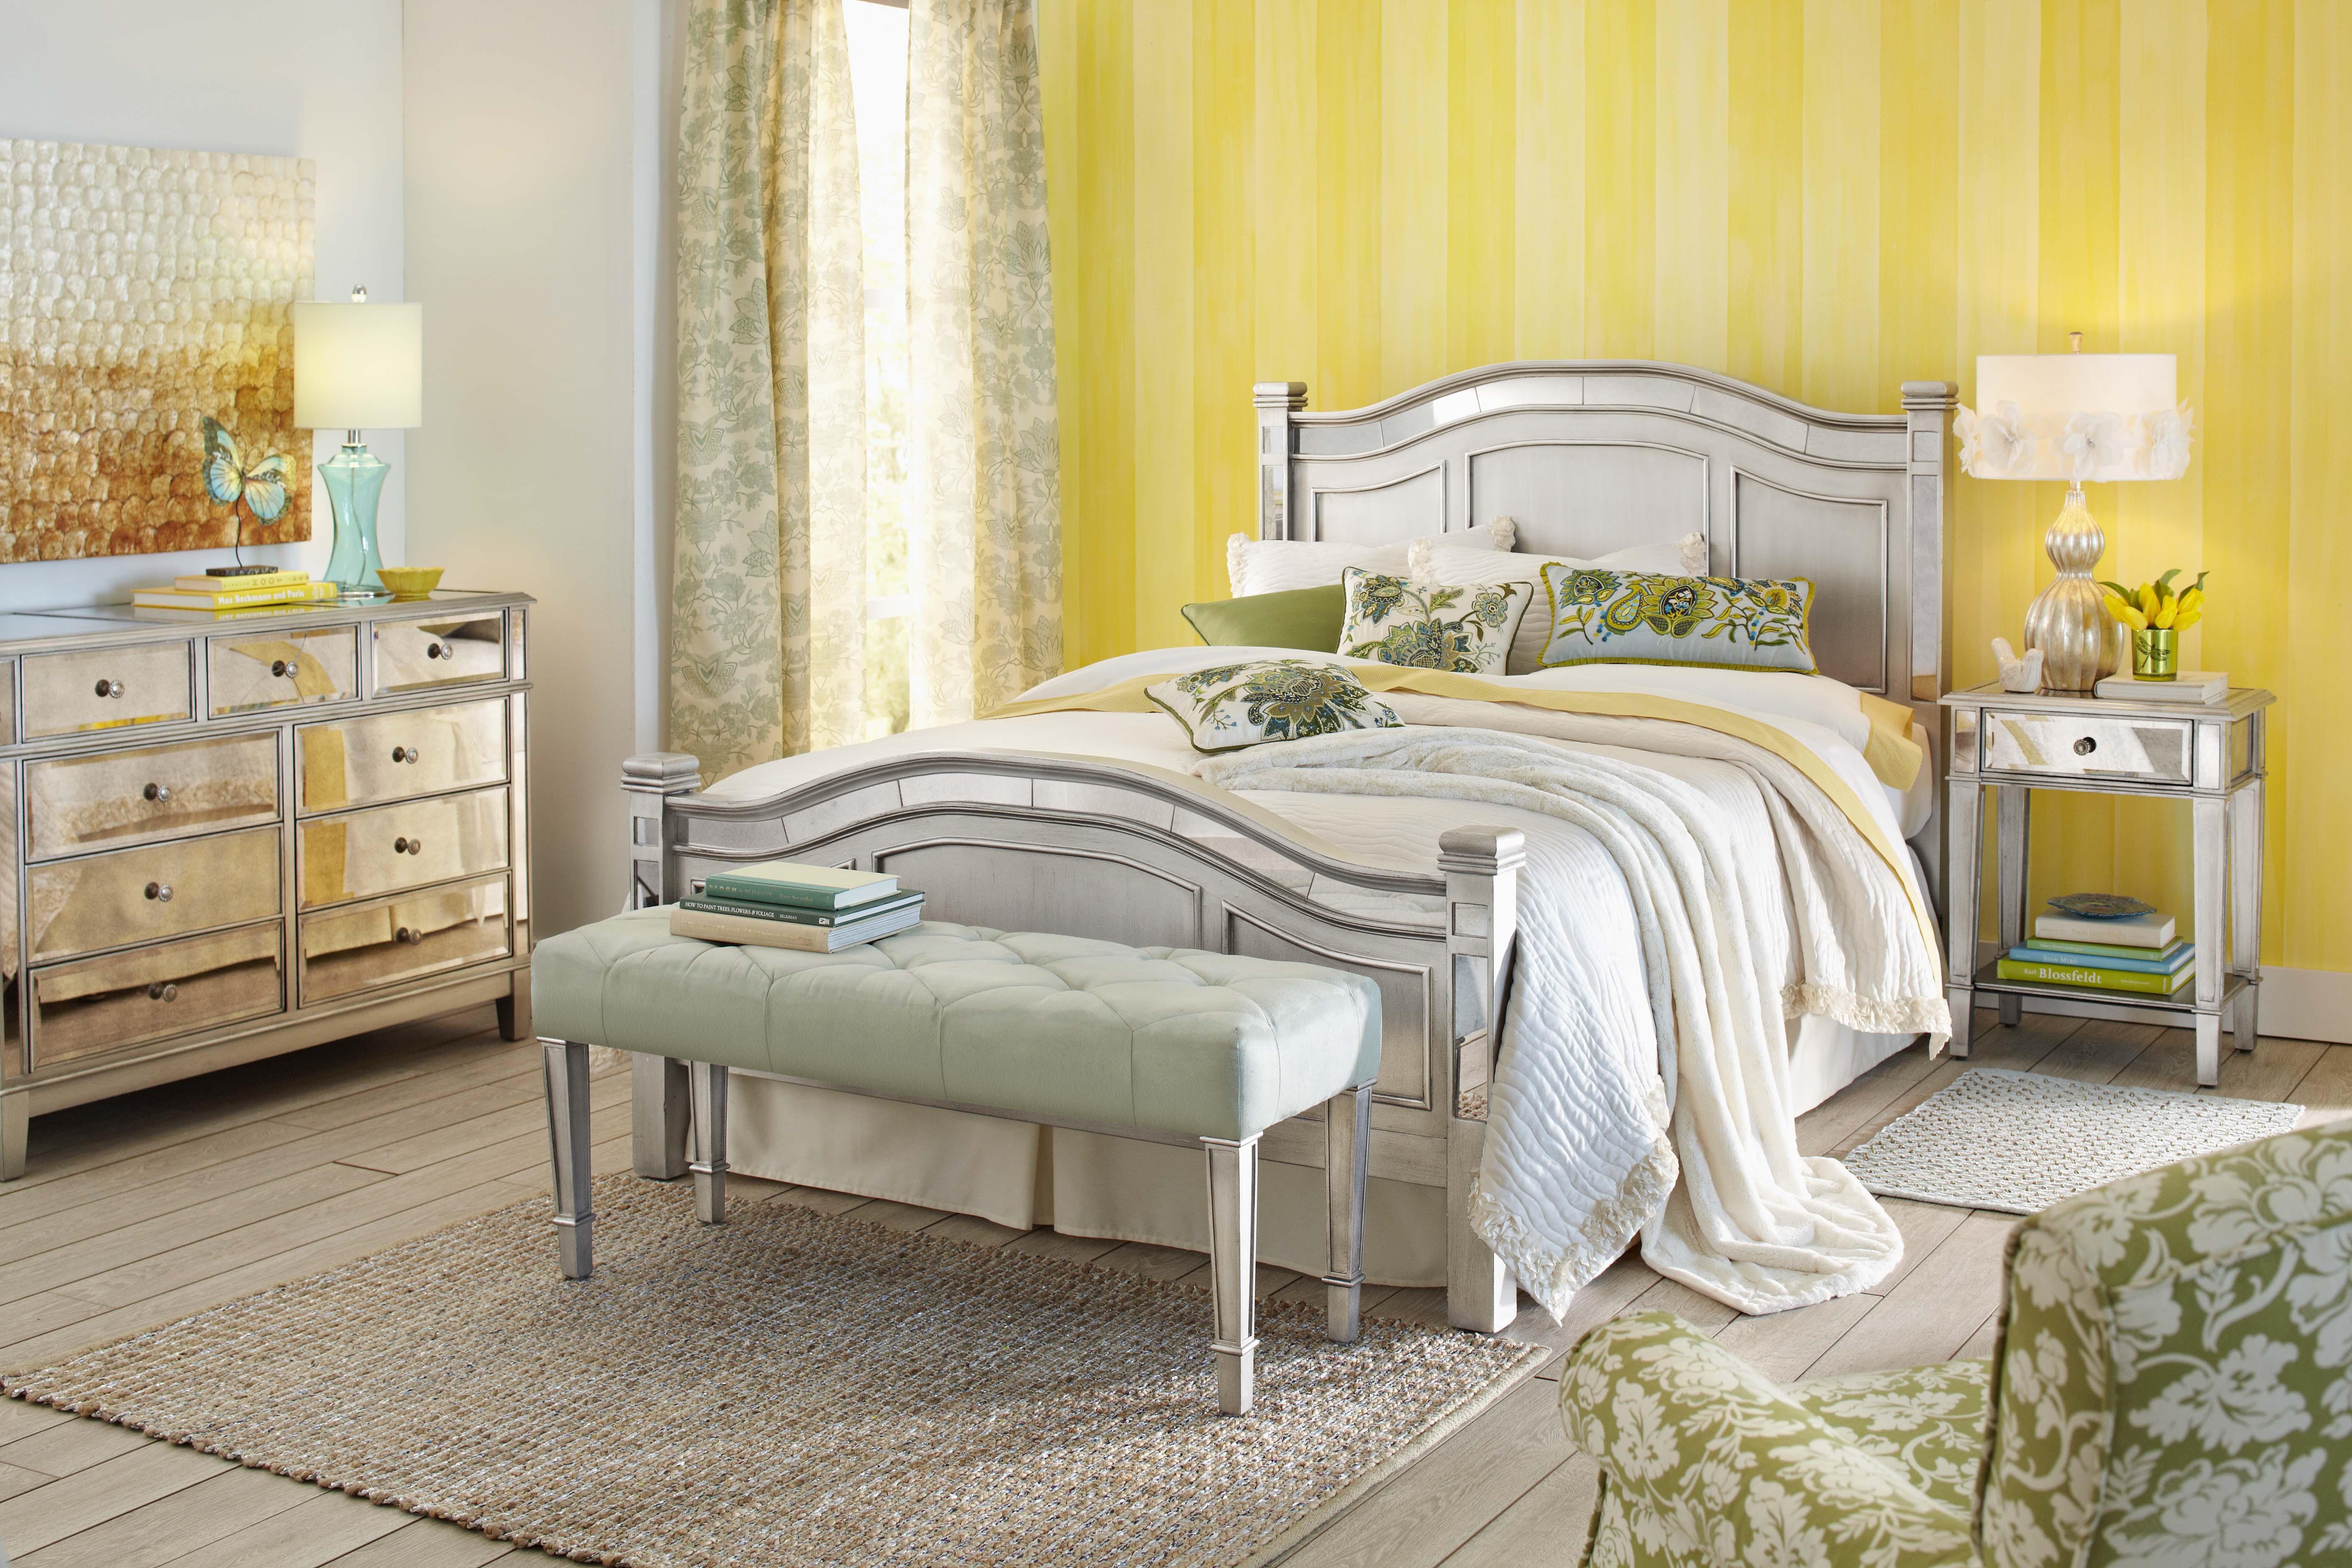 pier 1 mirrored bedroom furniture hawk haven